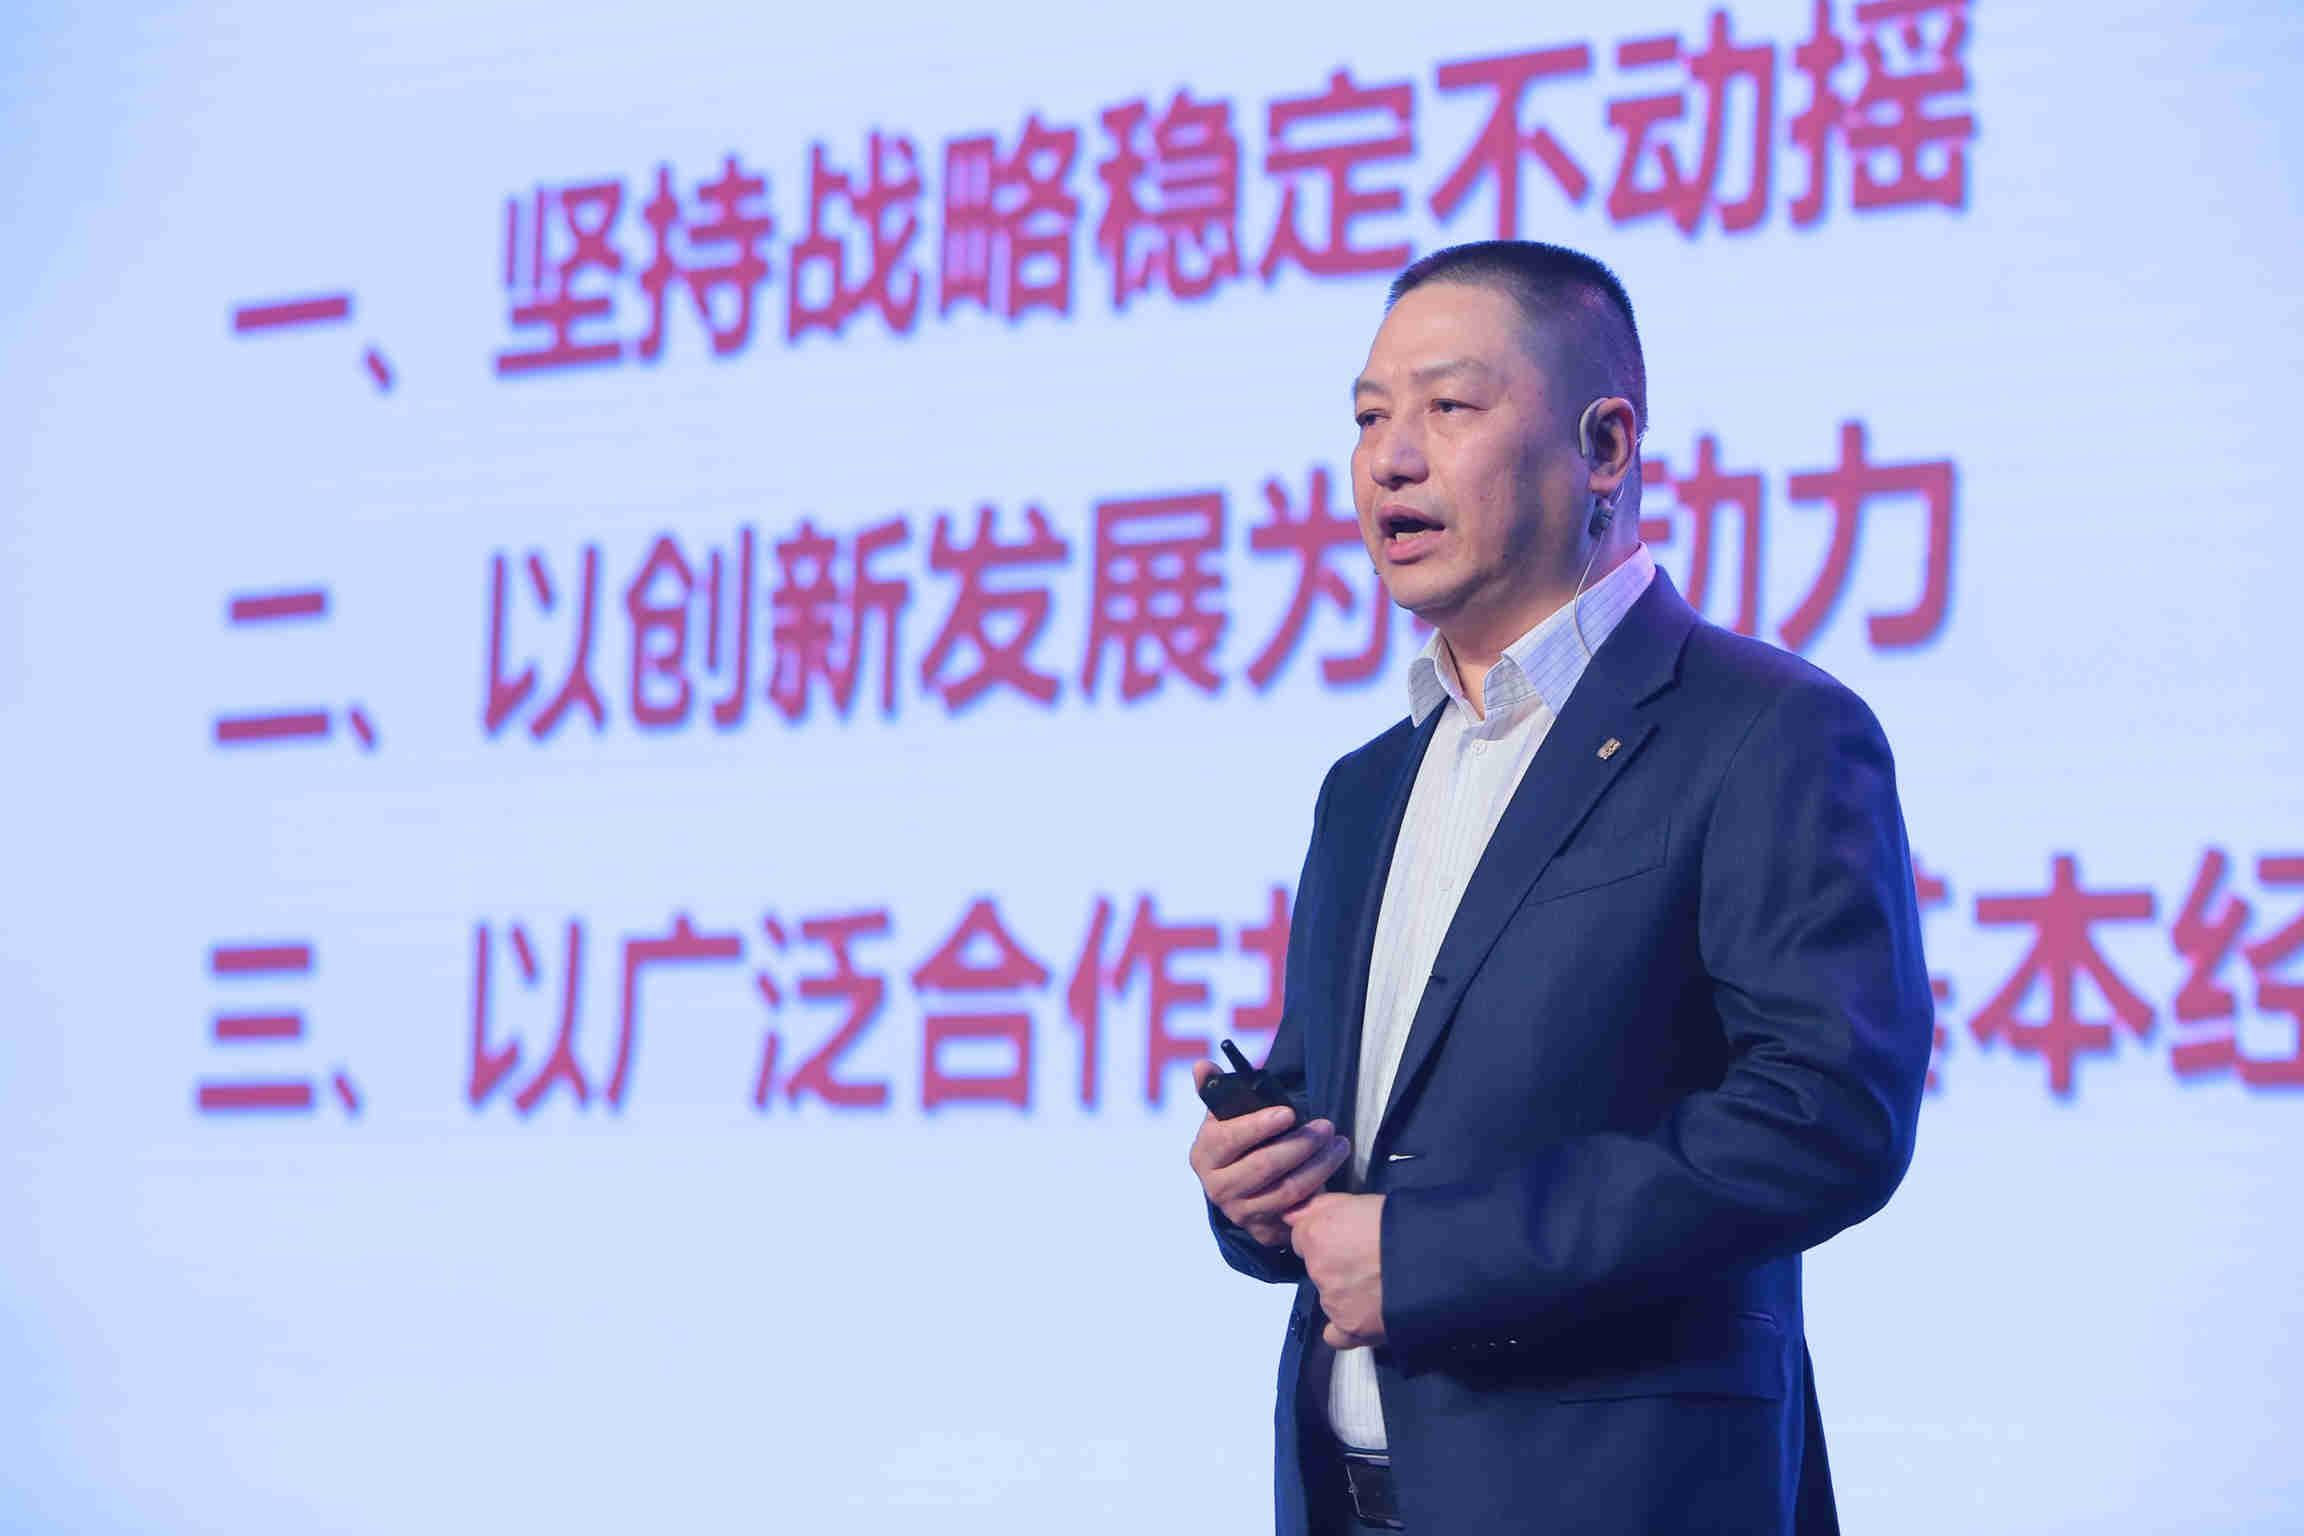 奥运冠军罗雪娟助阵,信泰如意尊(典藏版)终身寿险上市发布